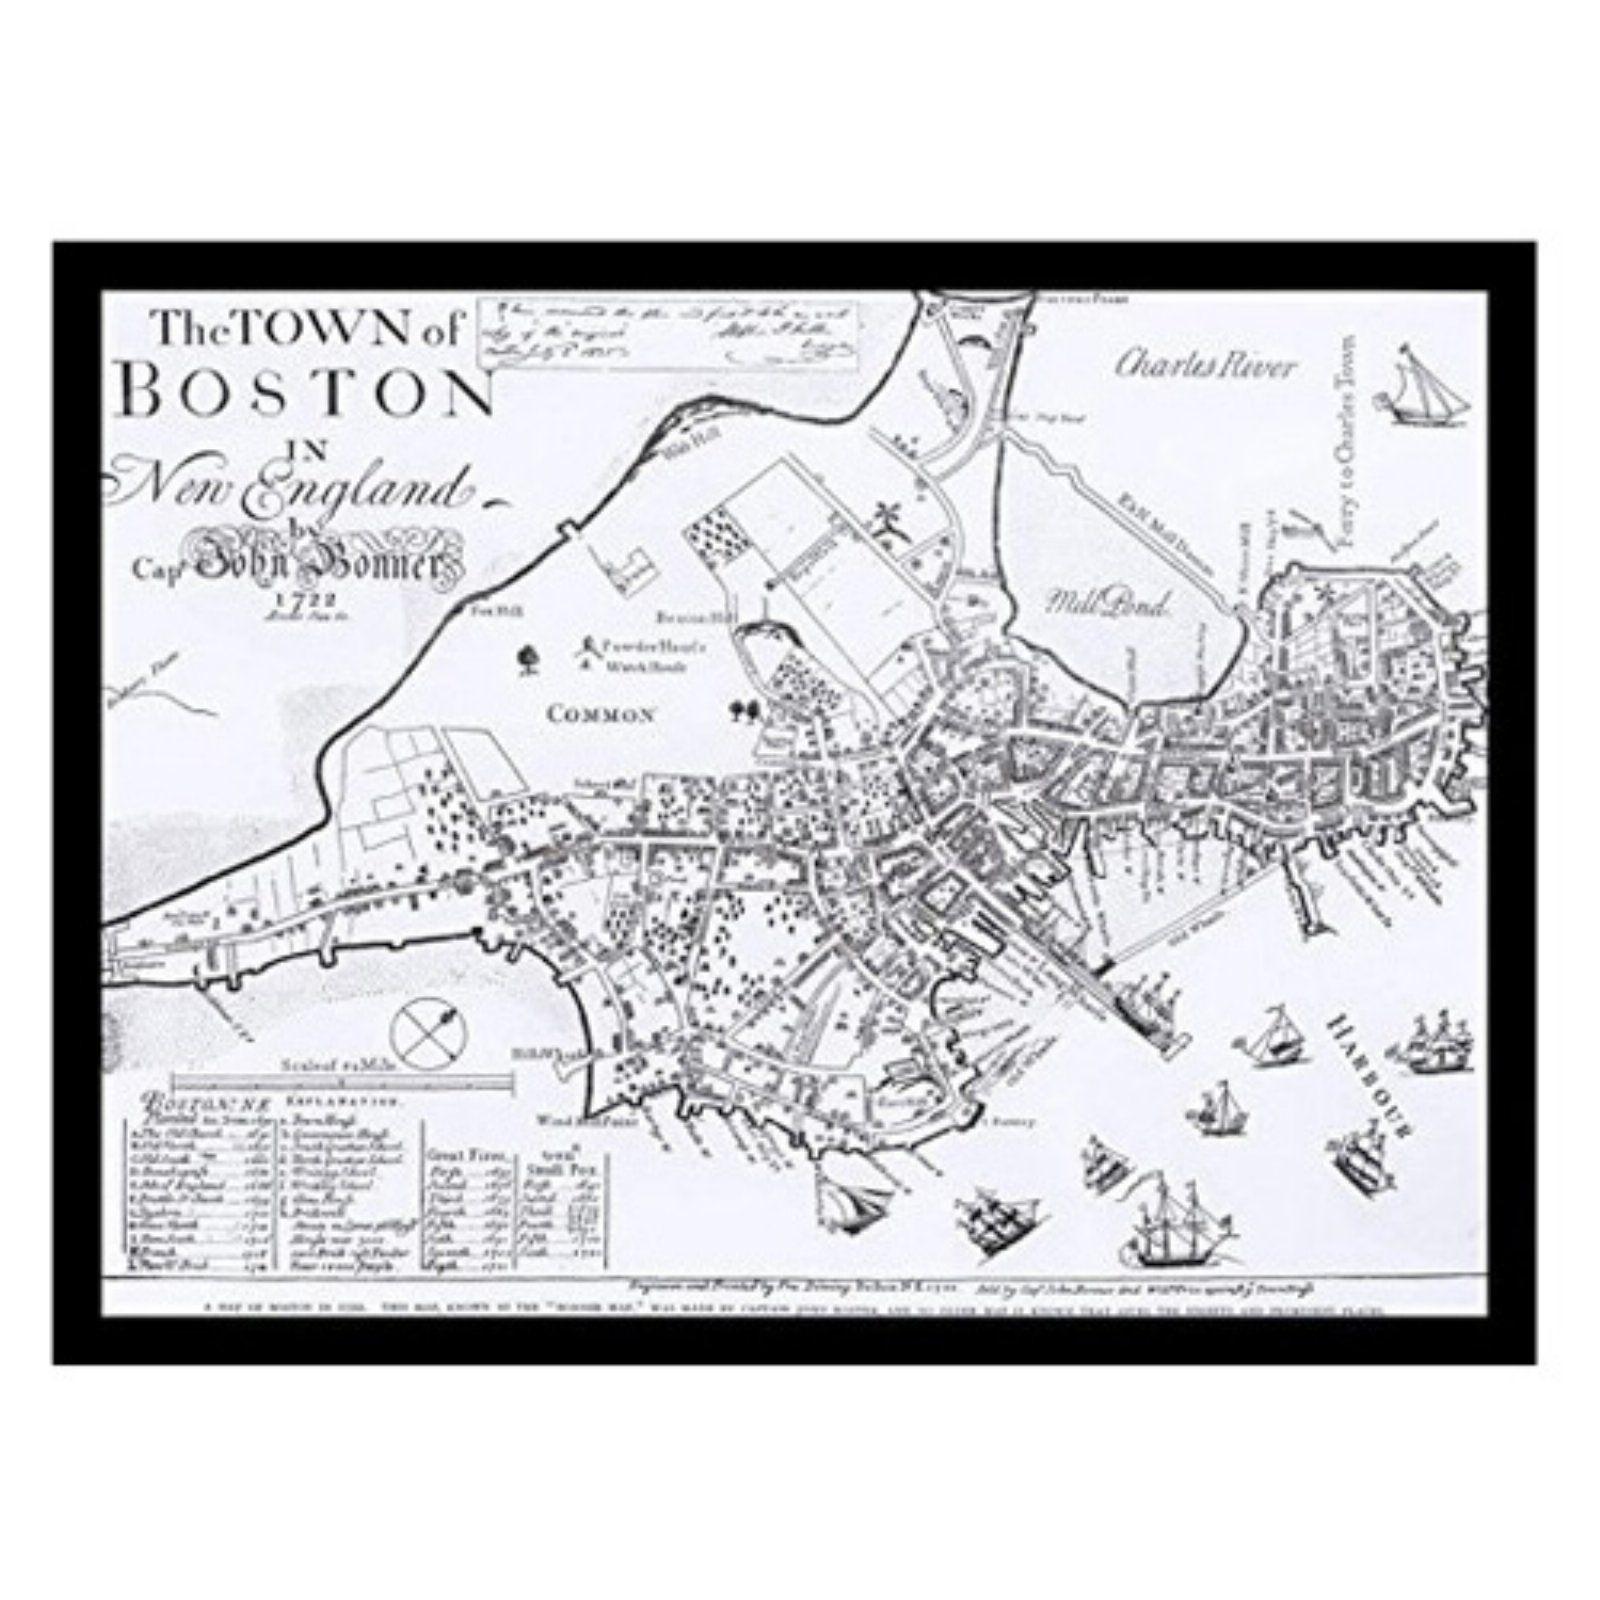 small resolution of buyartforless map of boston 1722 framed art print poster